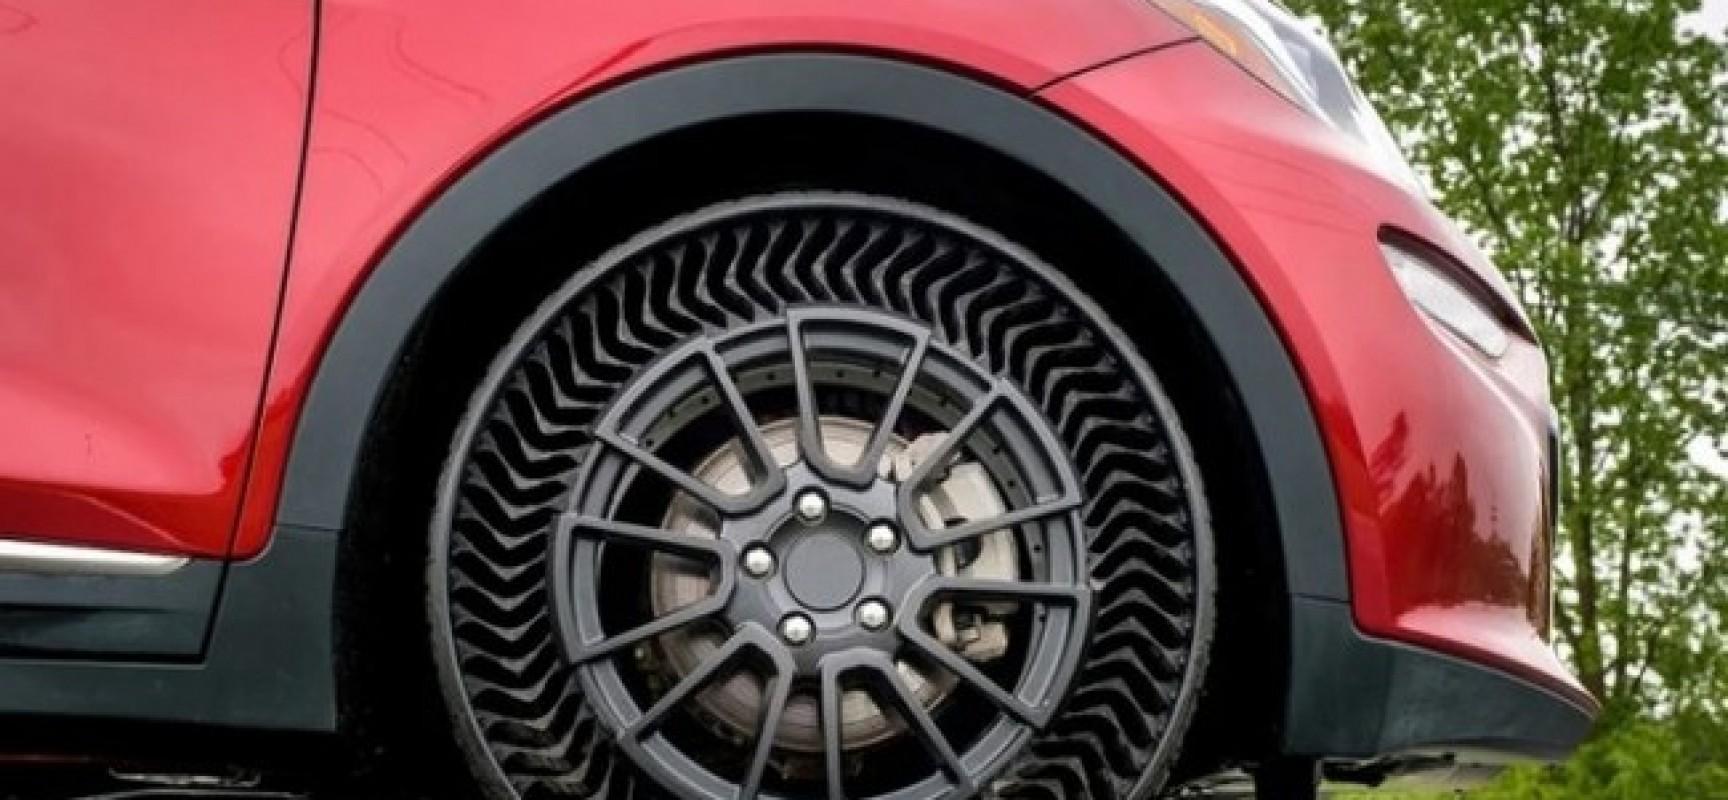 Купить безвоздушные шины или нет? 2019